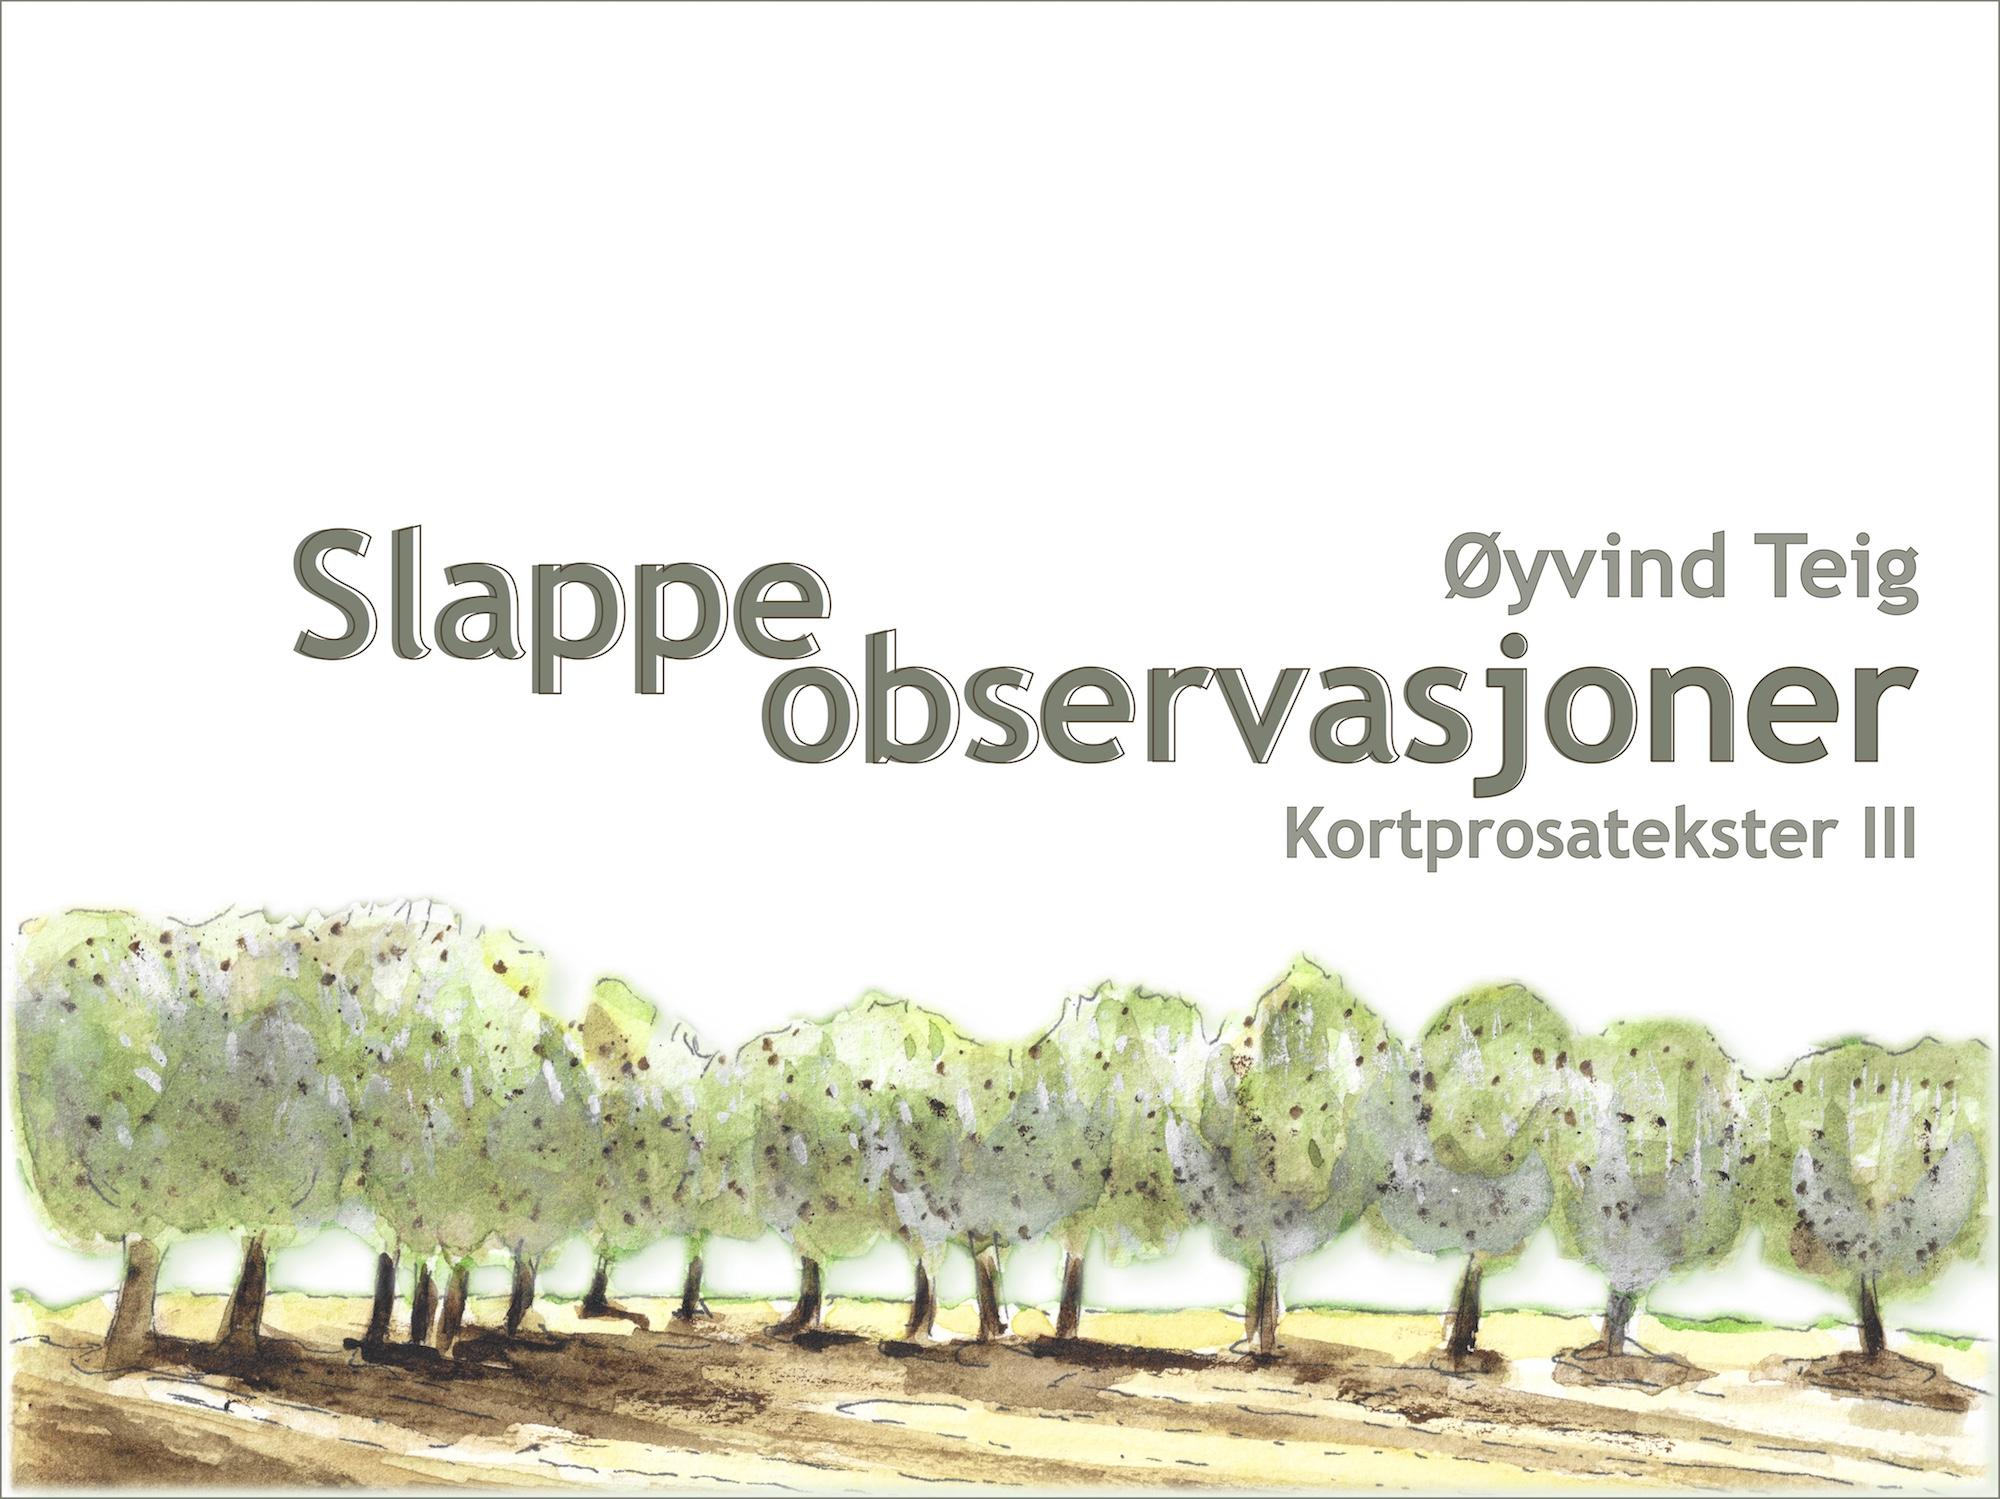 Slappe observasjoner (2018)